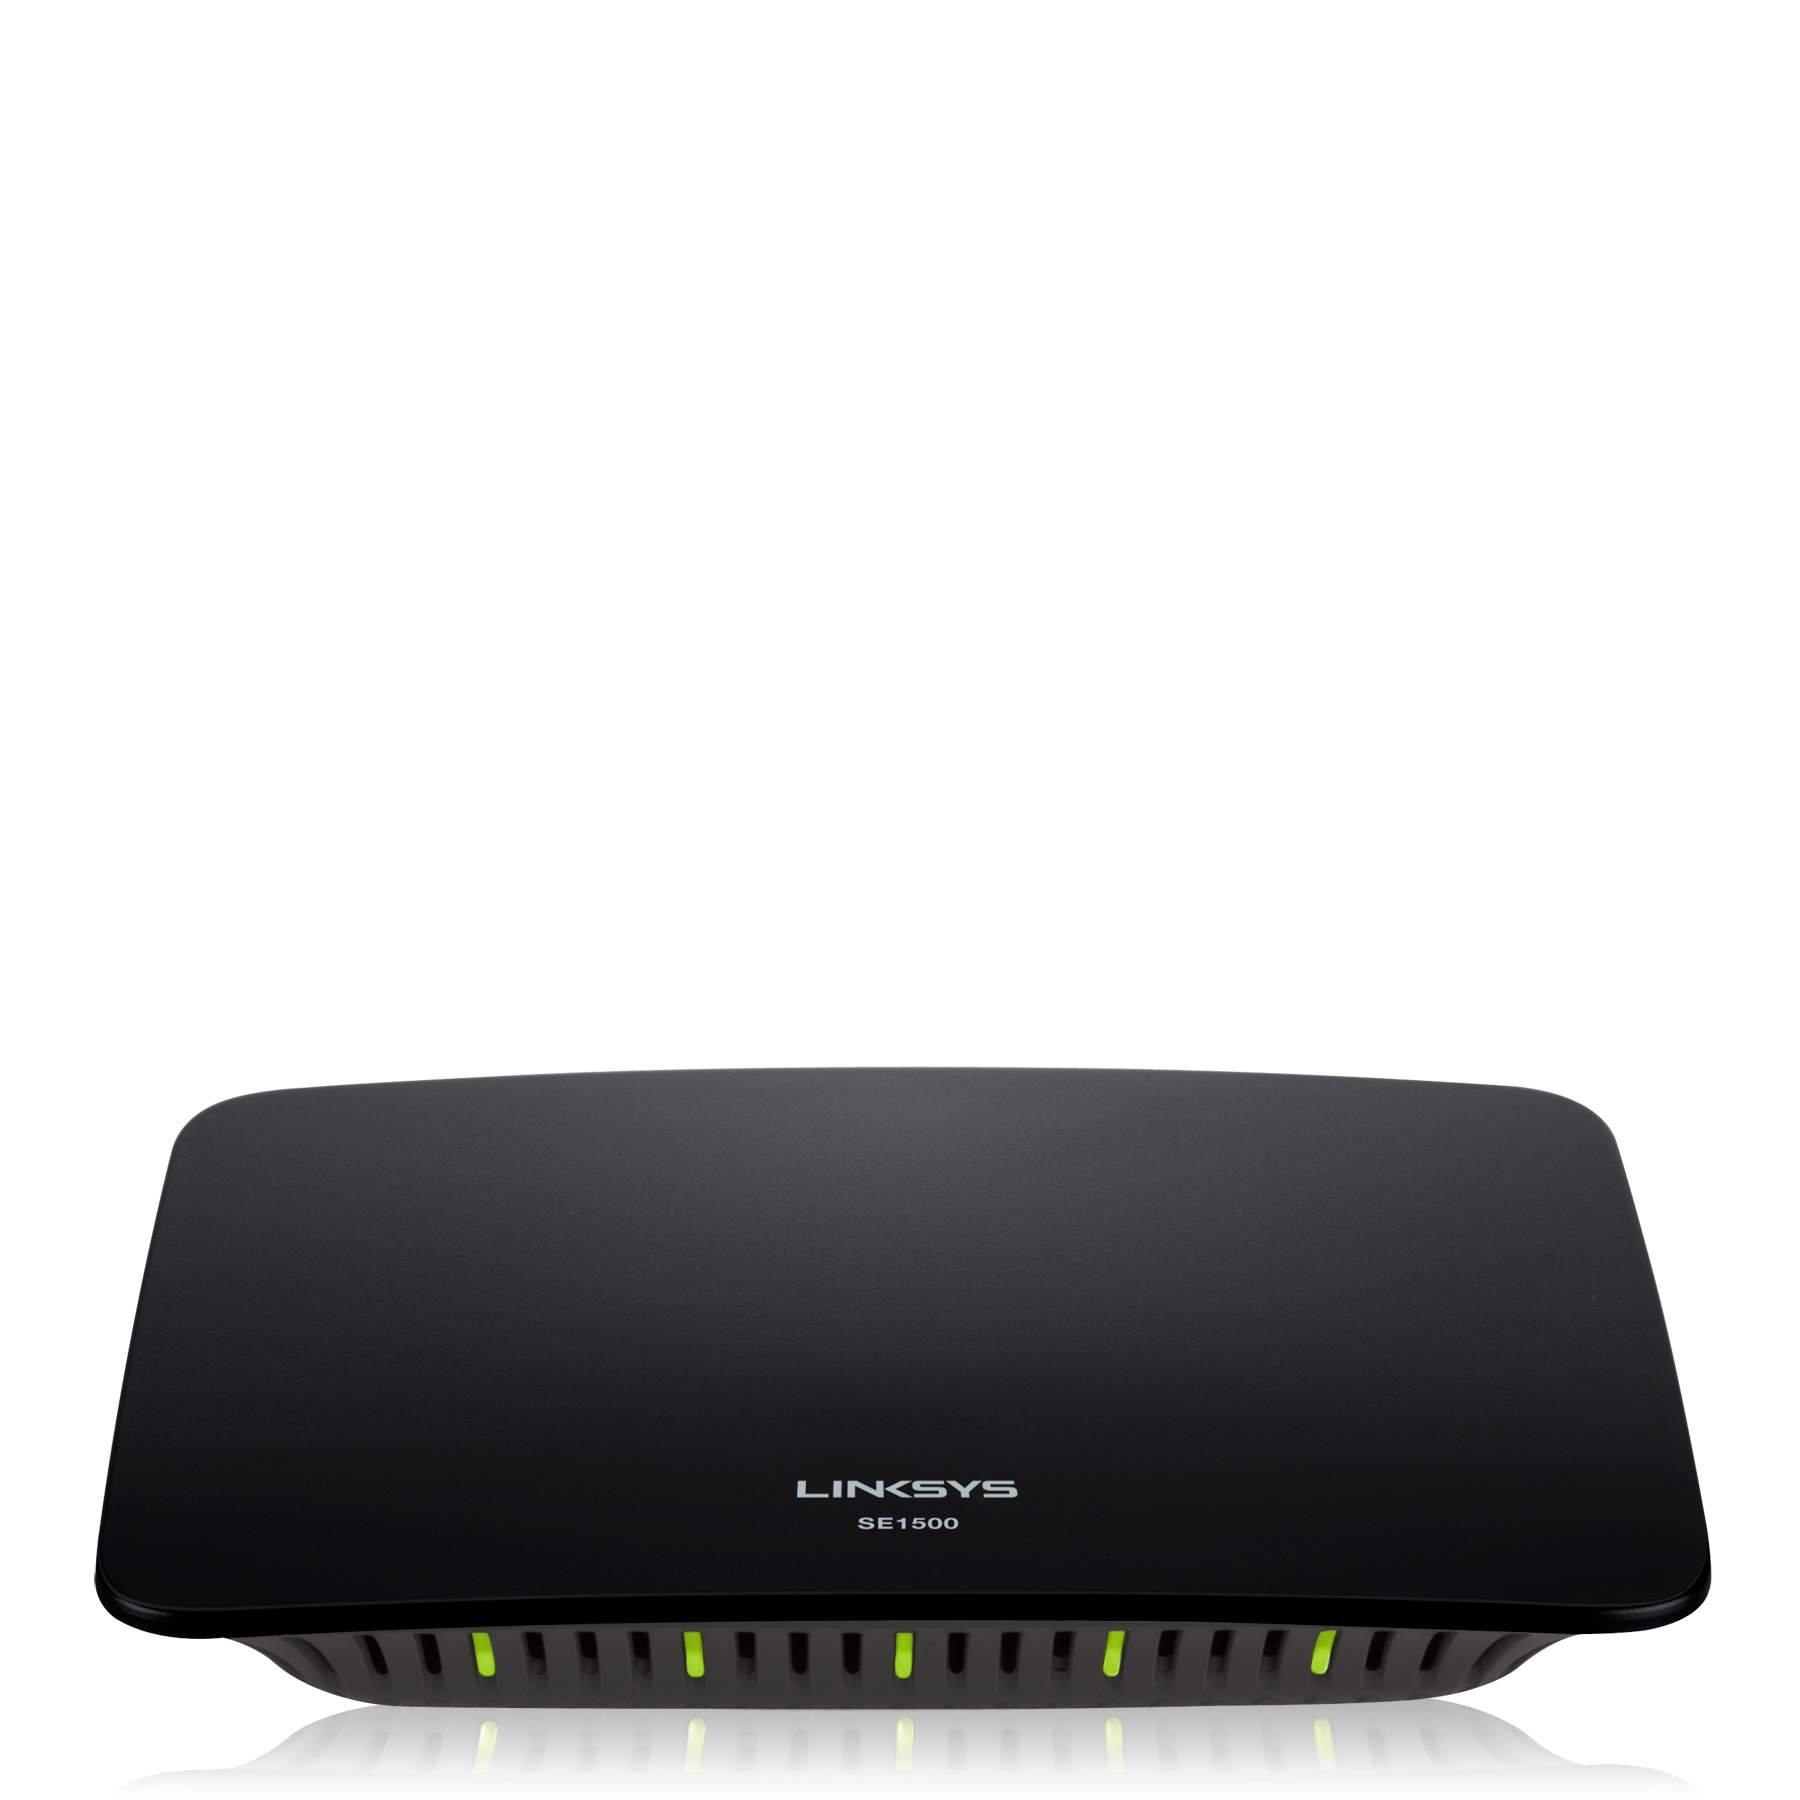 Linksys SE1500 5-Port Fast Ethernet Switch by Linksys